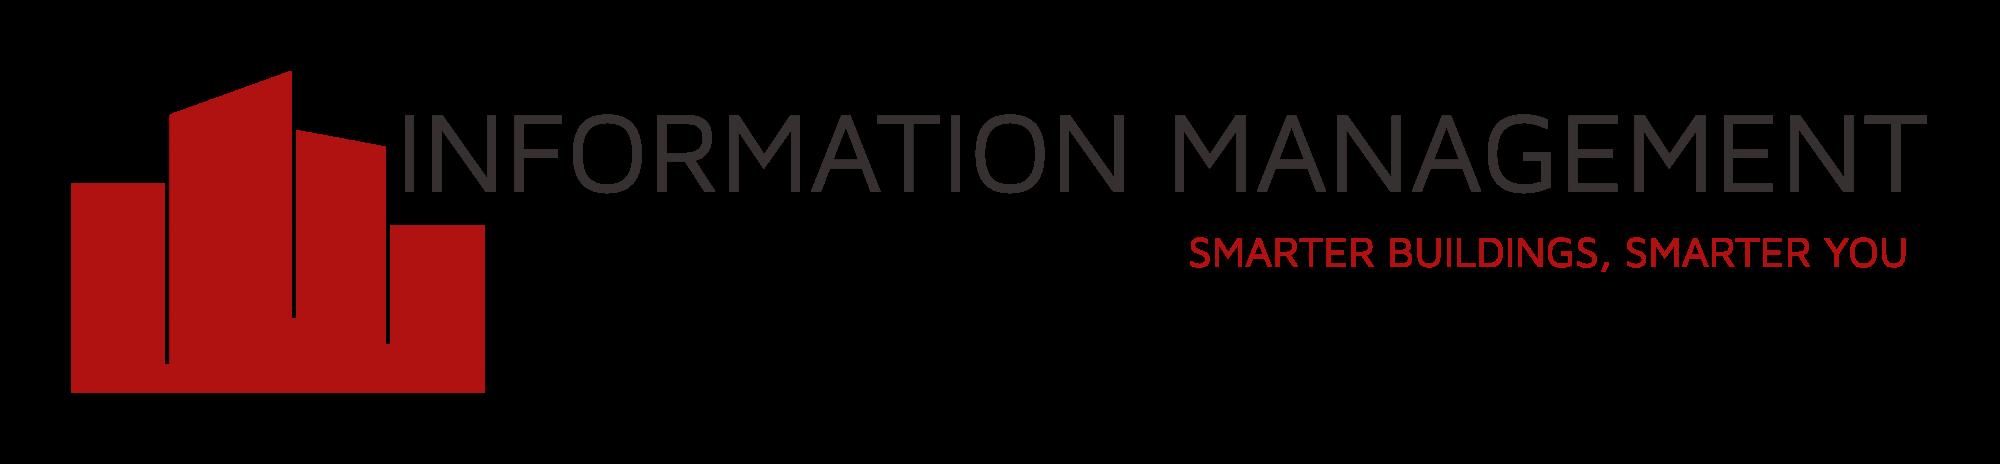 INFORMATION MANAGEMENT-logo (1).png